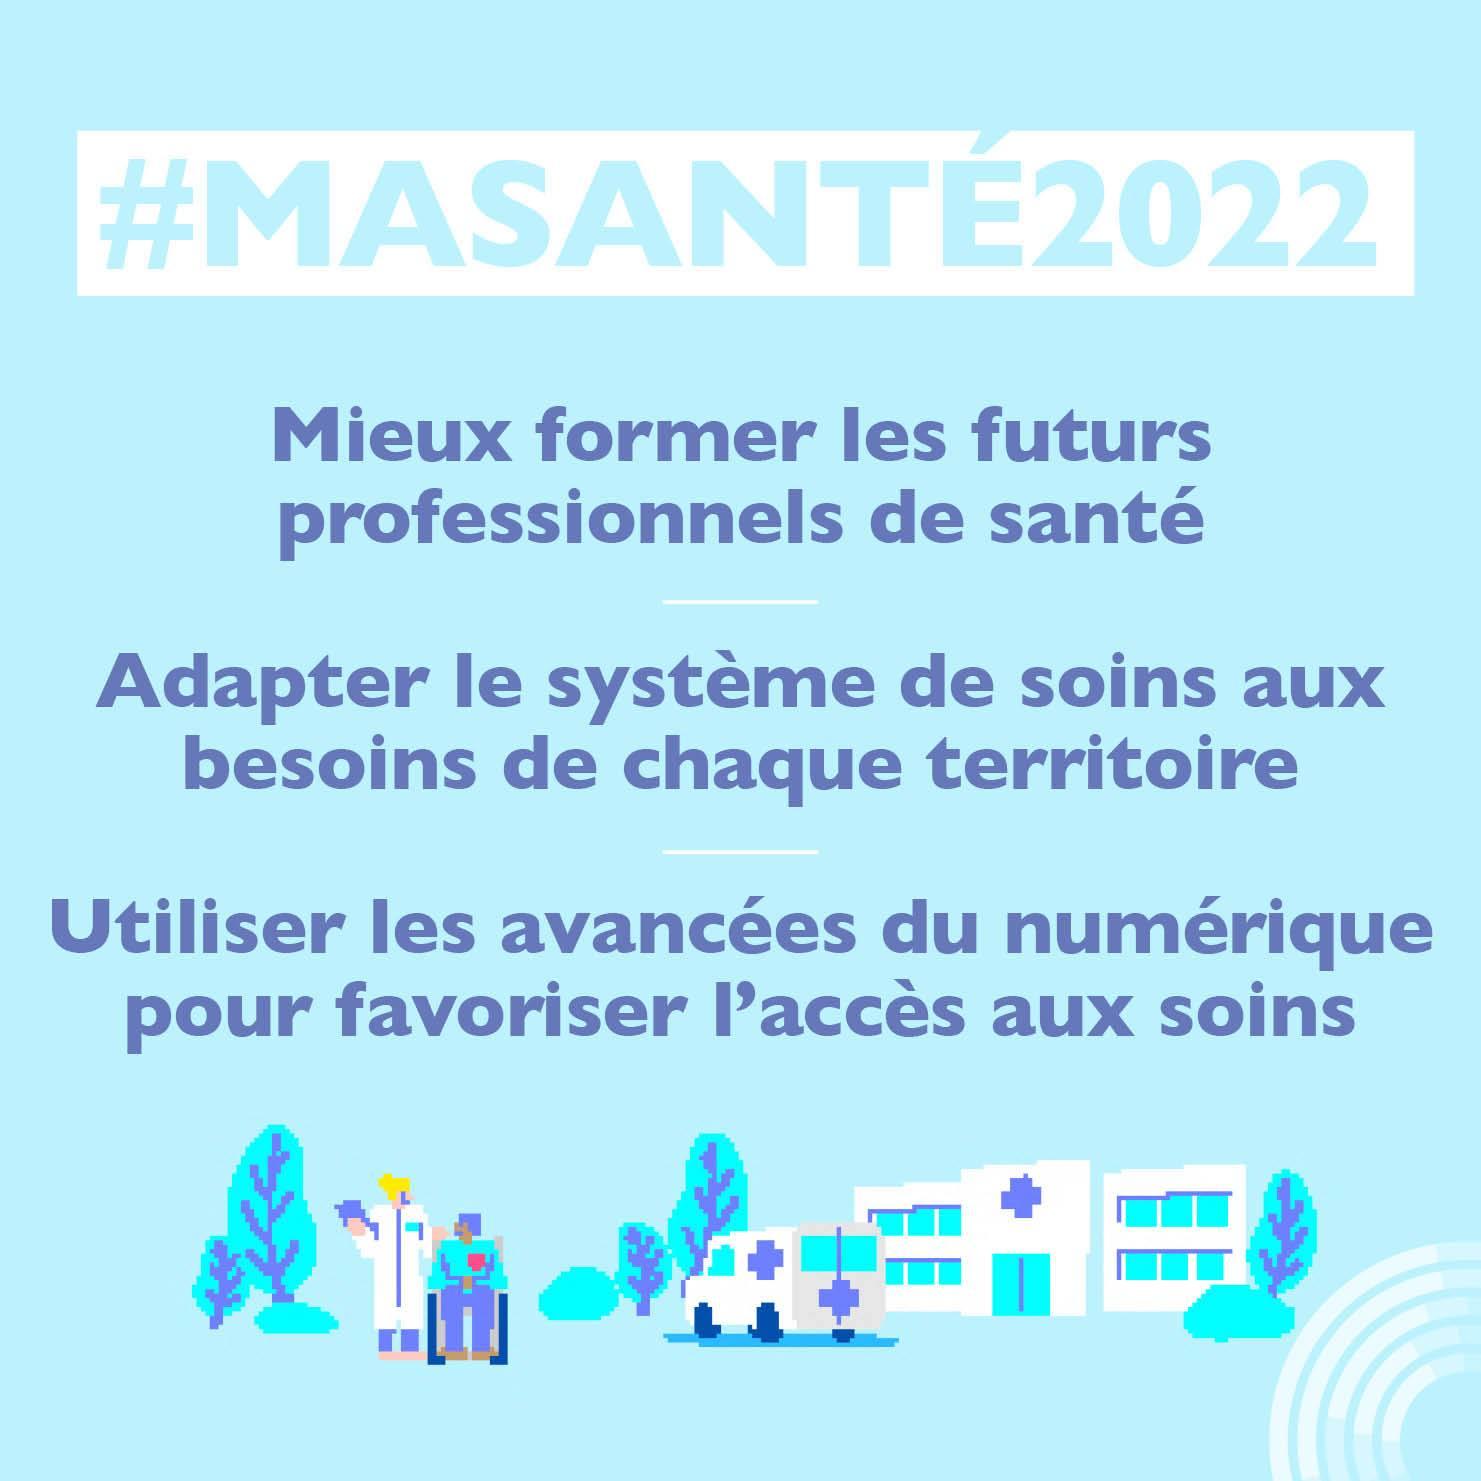 ma-santé-2022-former-futurs-professionnels-santé